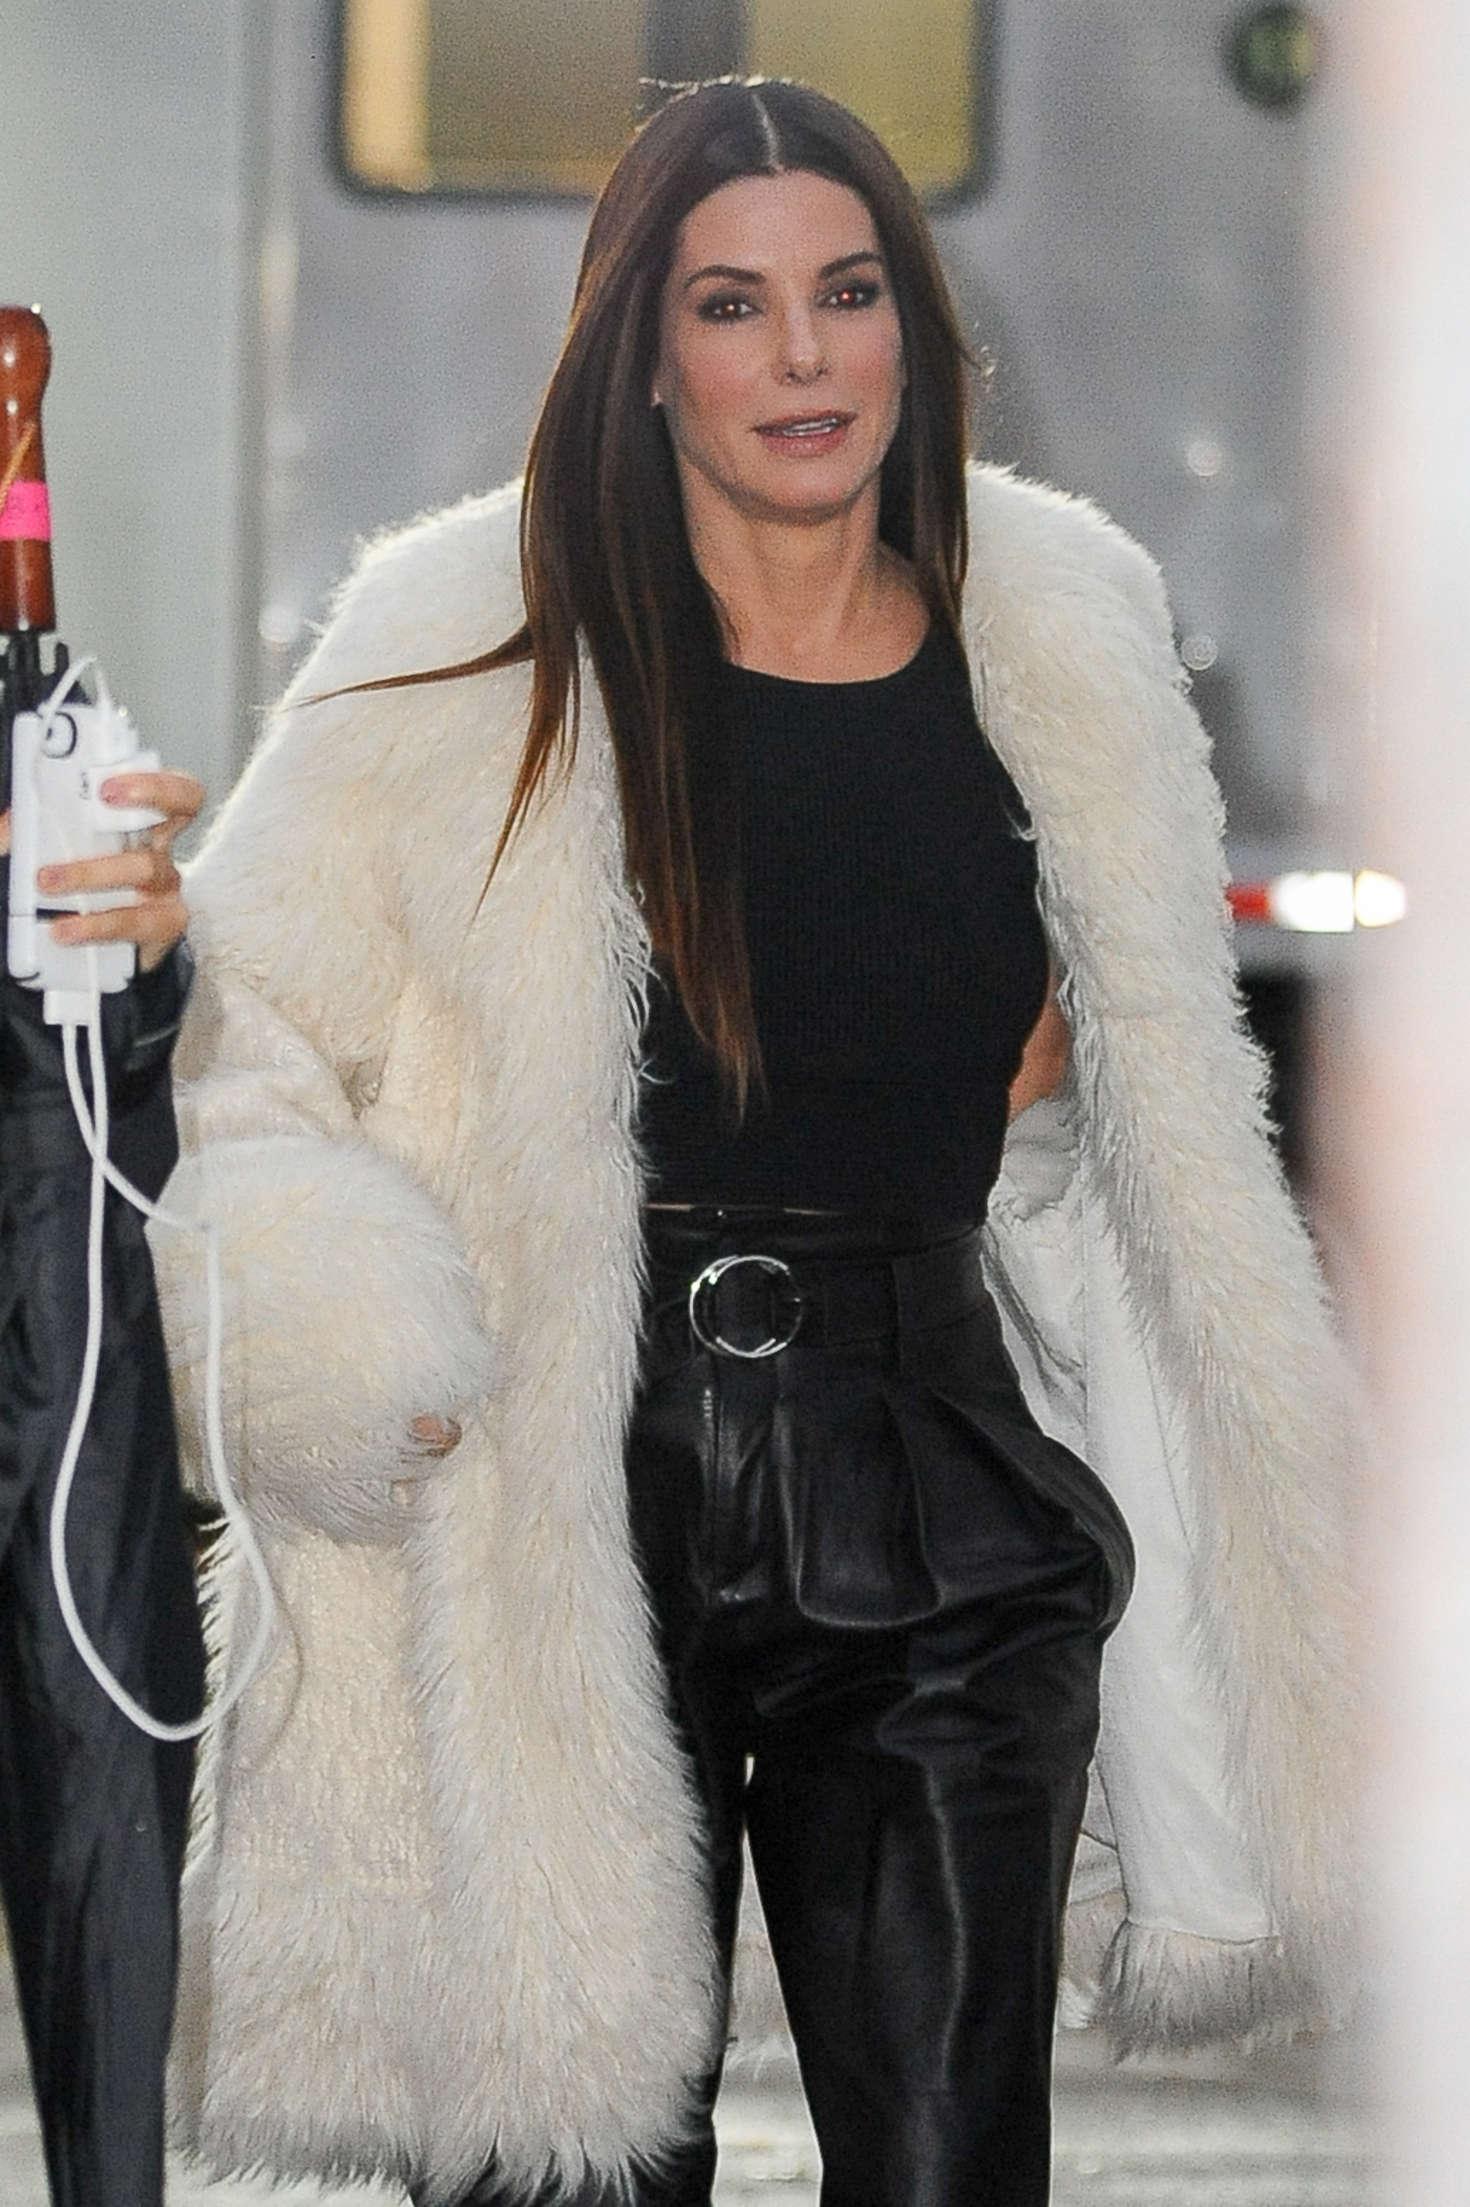 Sandra Bullock - On set of 'Ocean's Eight' in New York City